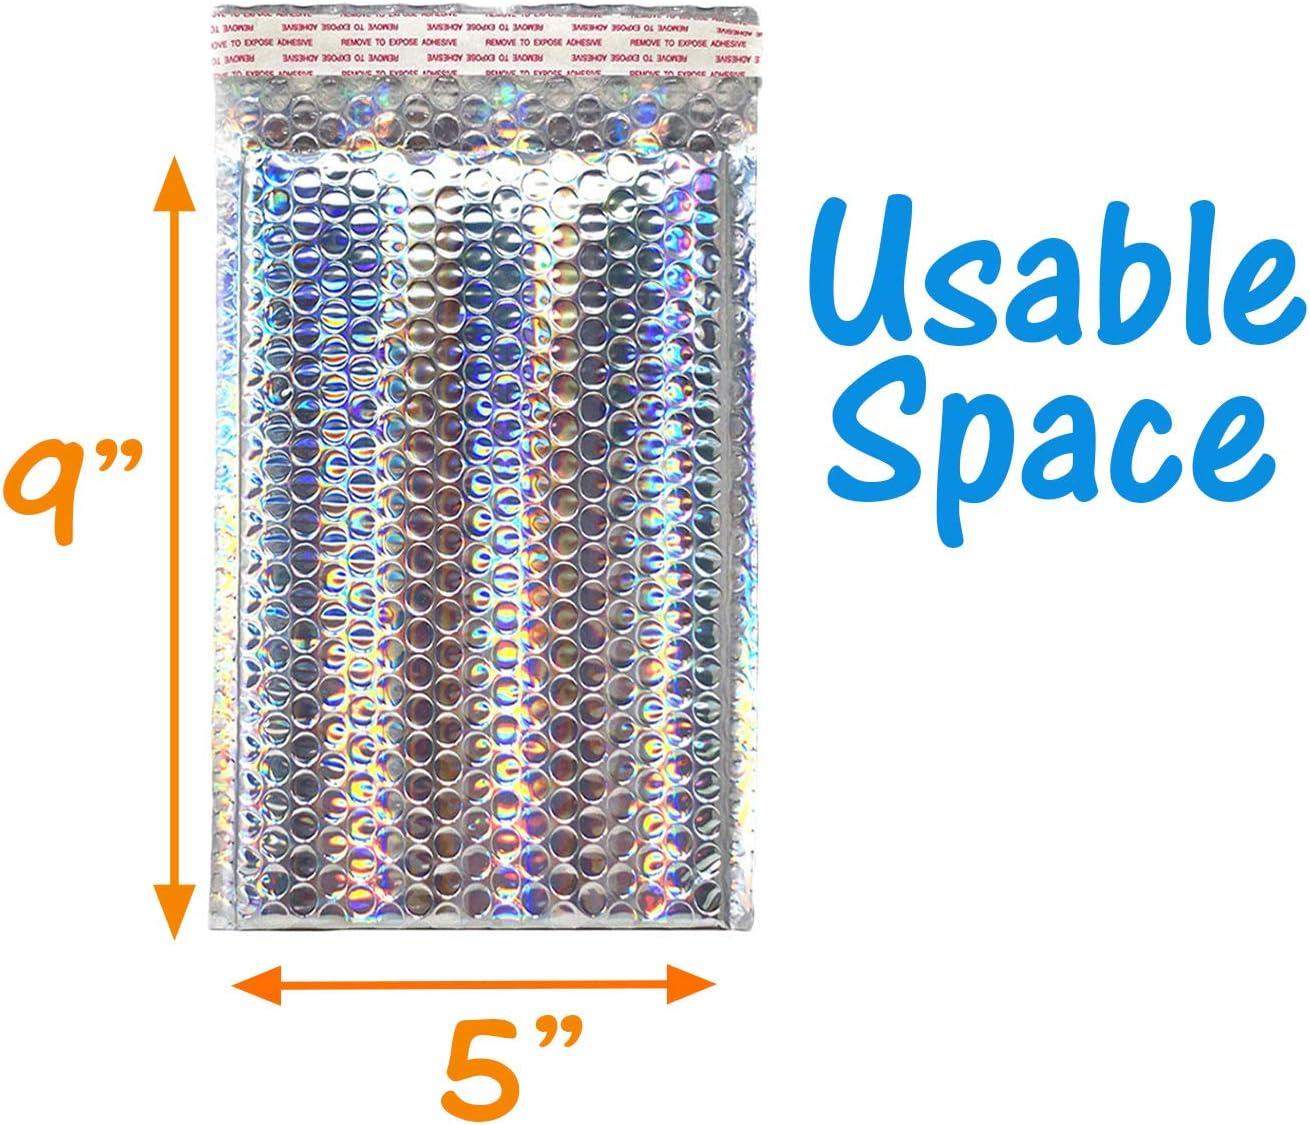 Sobres holográficos de burbujas de 6 x 10, 8,5 x 12, 5 x 9, 7 x 11, con cojín metálico y pegatinas